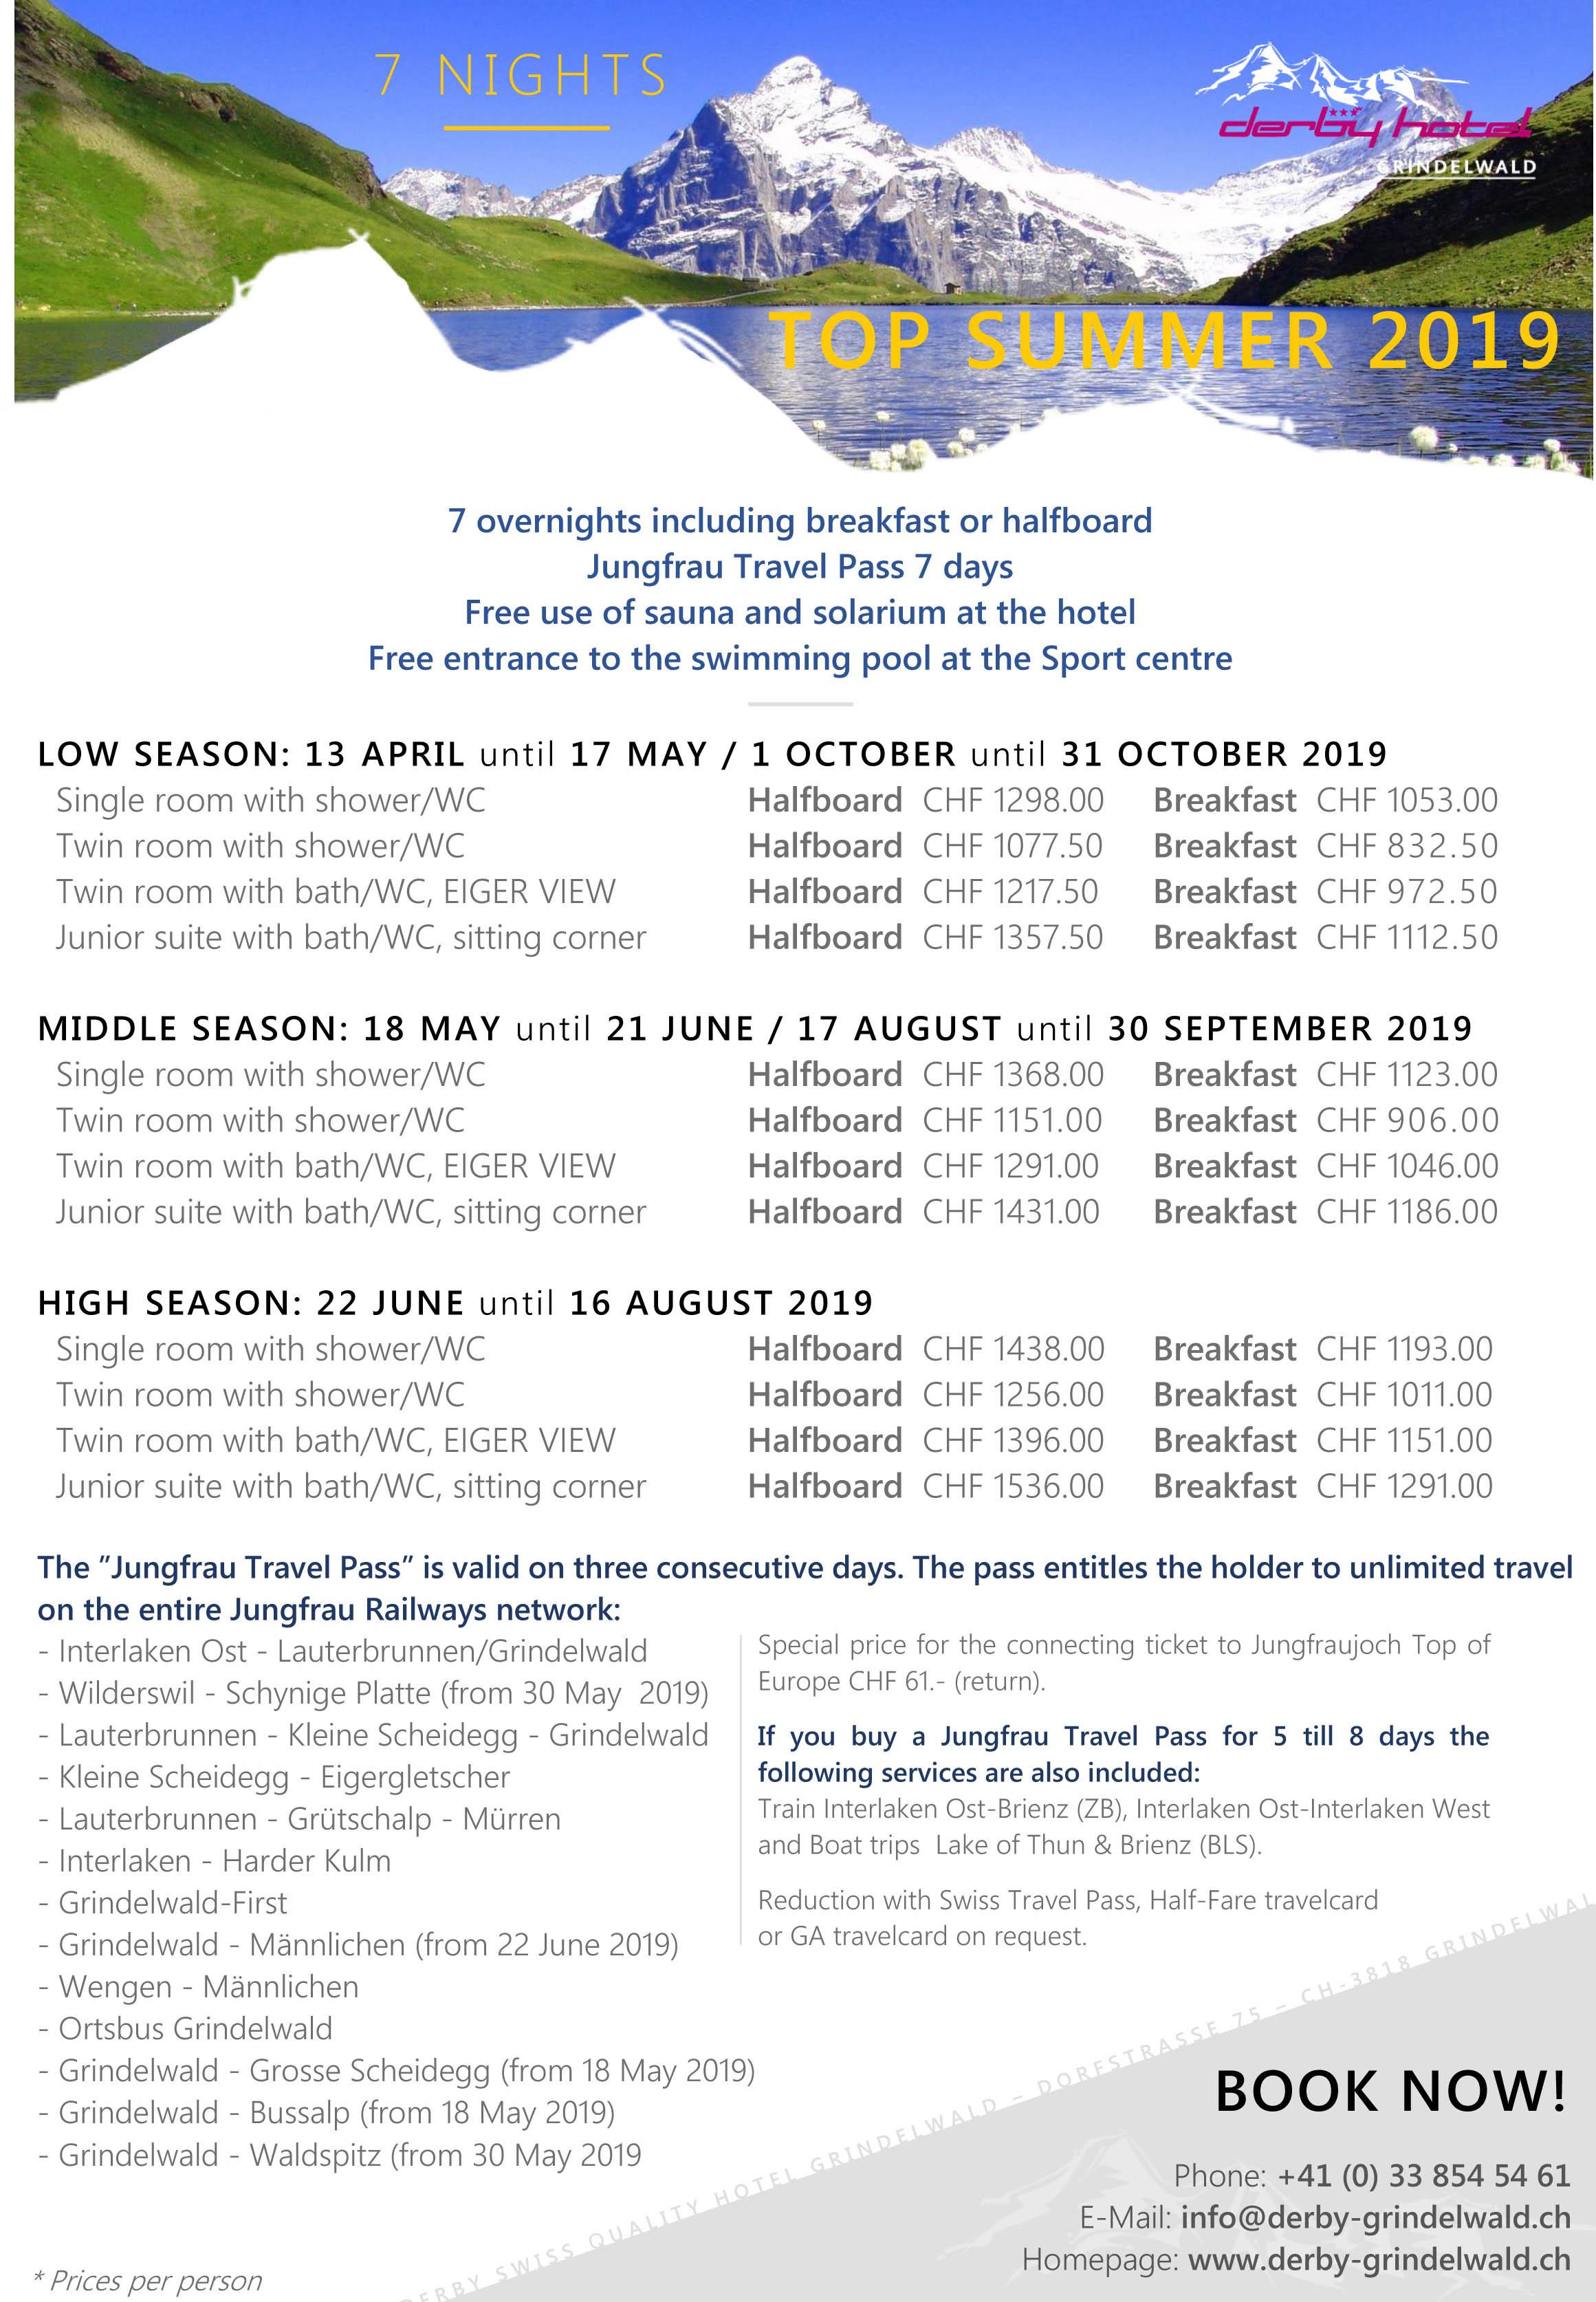 Derby Hotel Grindelwald Package Offre Top Sommer 2019